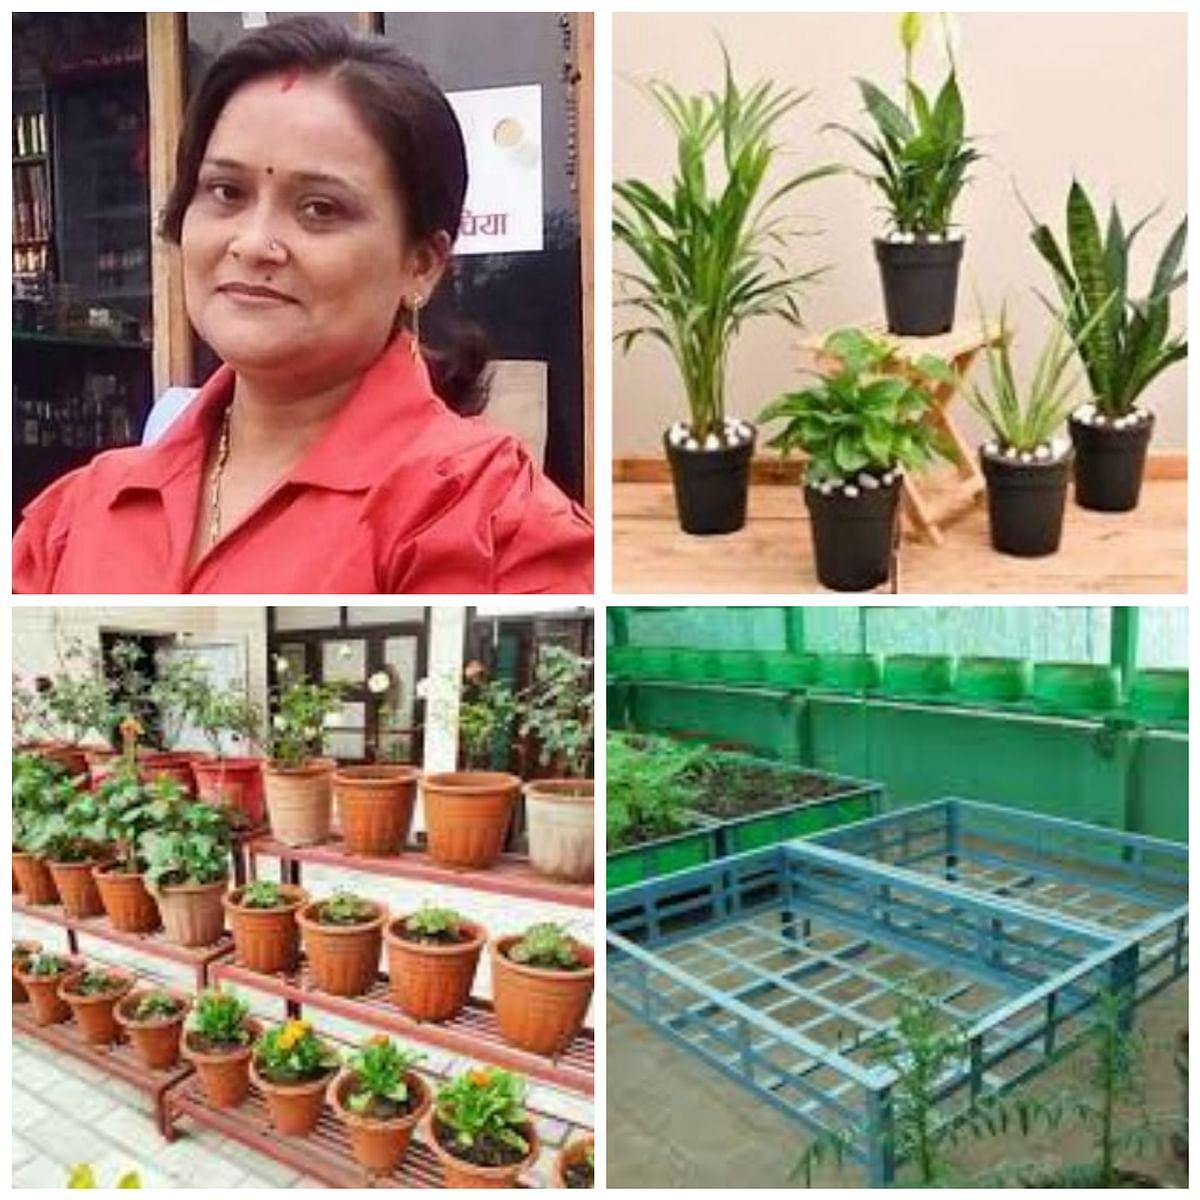 शुद्ध प्राणवायु के साथ पौष्टिक आहार के लिए लगाएं सब्जी बगीचा : डॉ. निमिशा अवस्थी